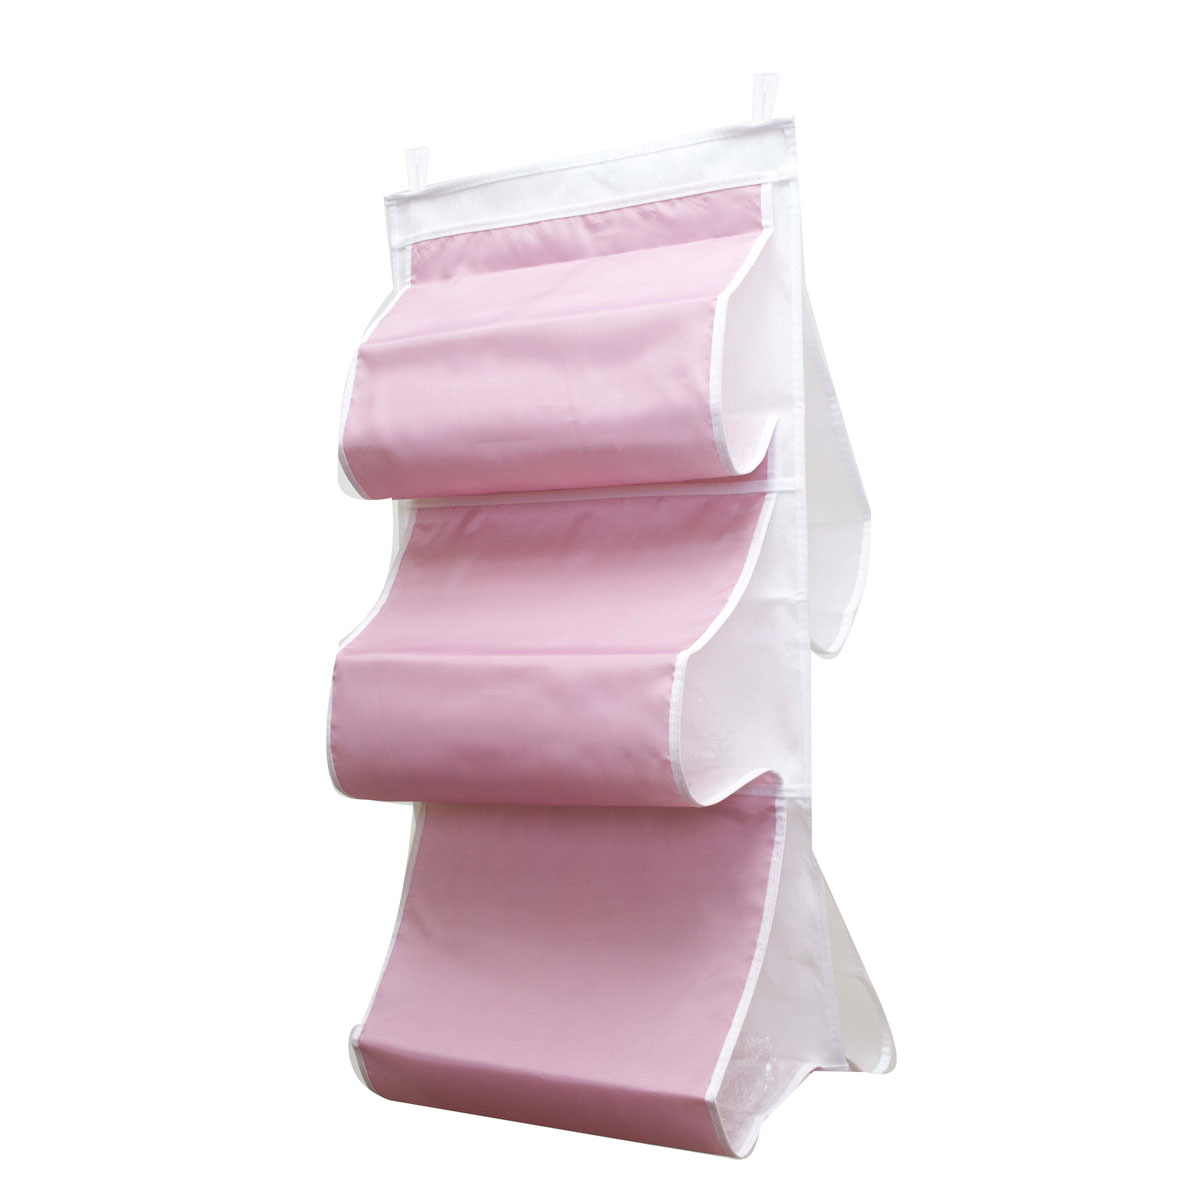 Органайзер для сумок Homsu Capri, 5 отделений, 40 х 70 см органайзер для хранения сумок eva черное золото подвесной 36 x 80 см